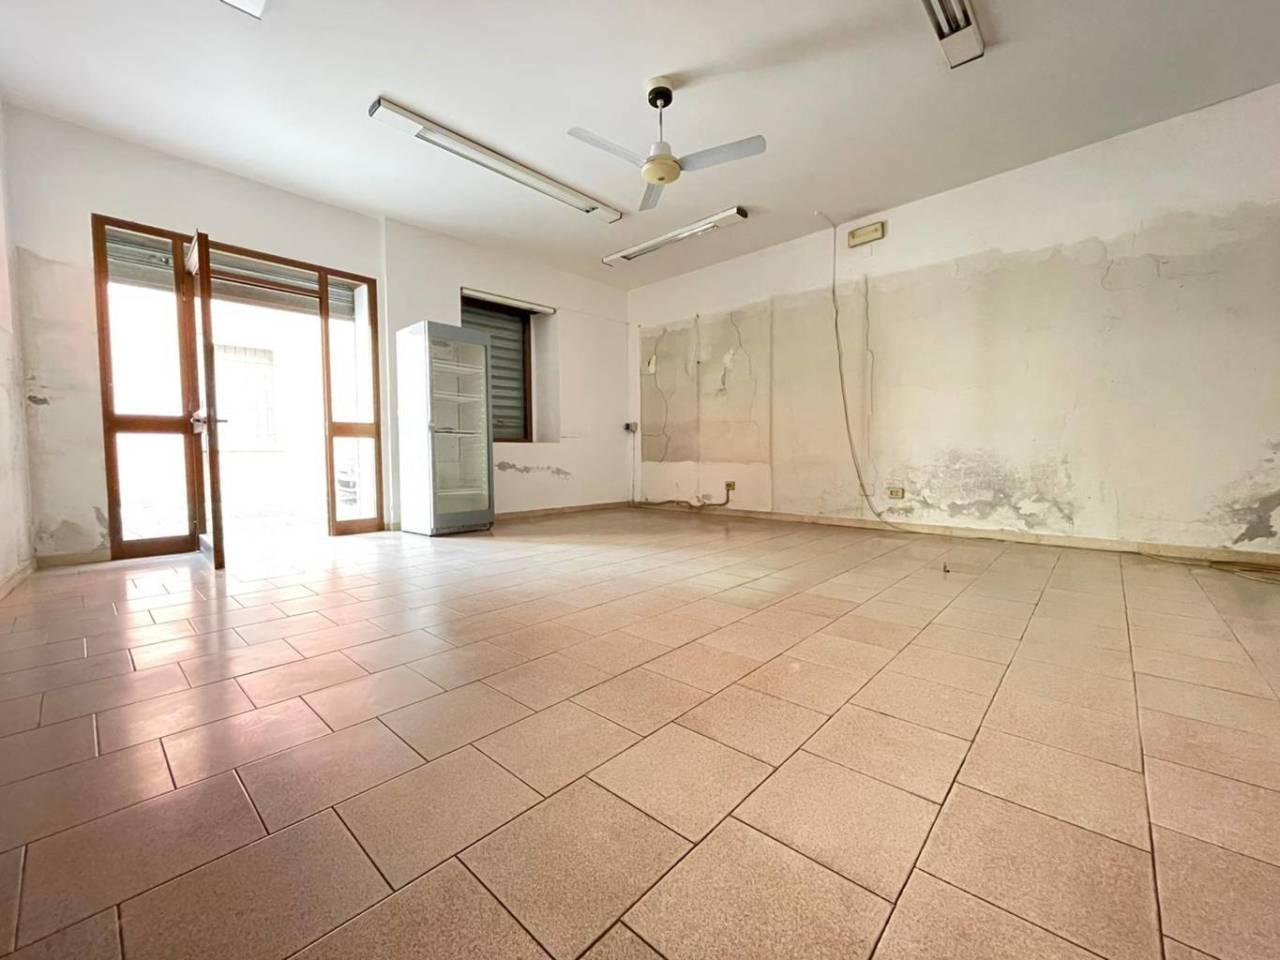 Negozio / Locale in affitto a Chiari, 9999 locali, prezzo € 500   CambioCasa.it